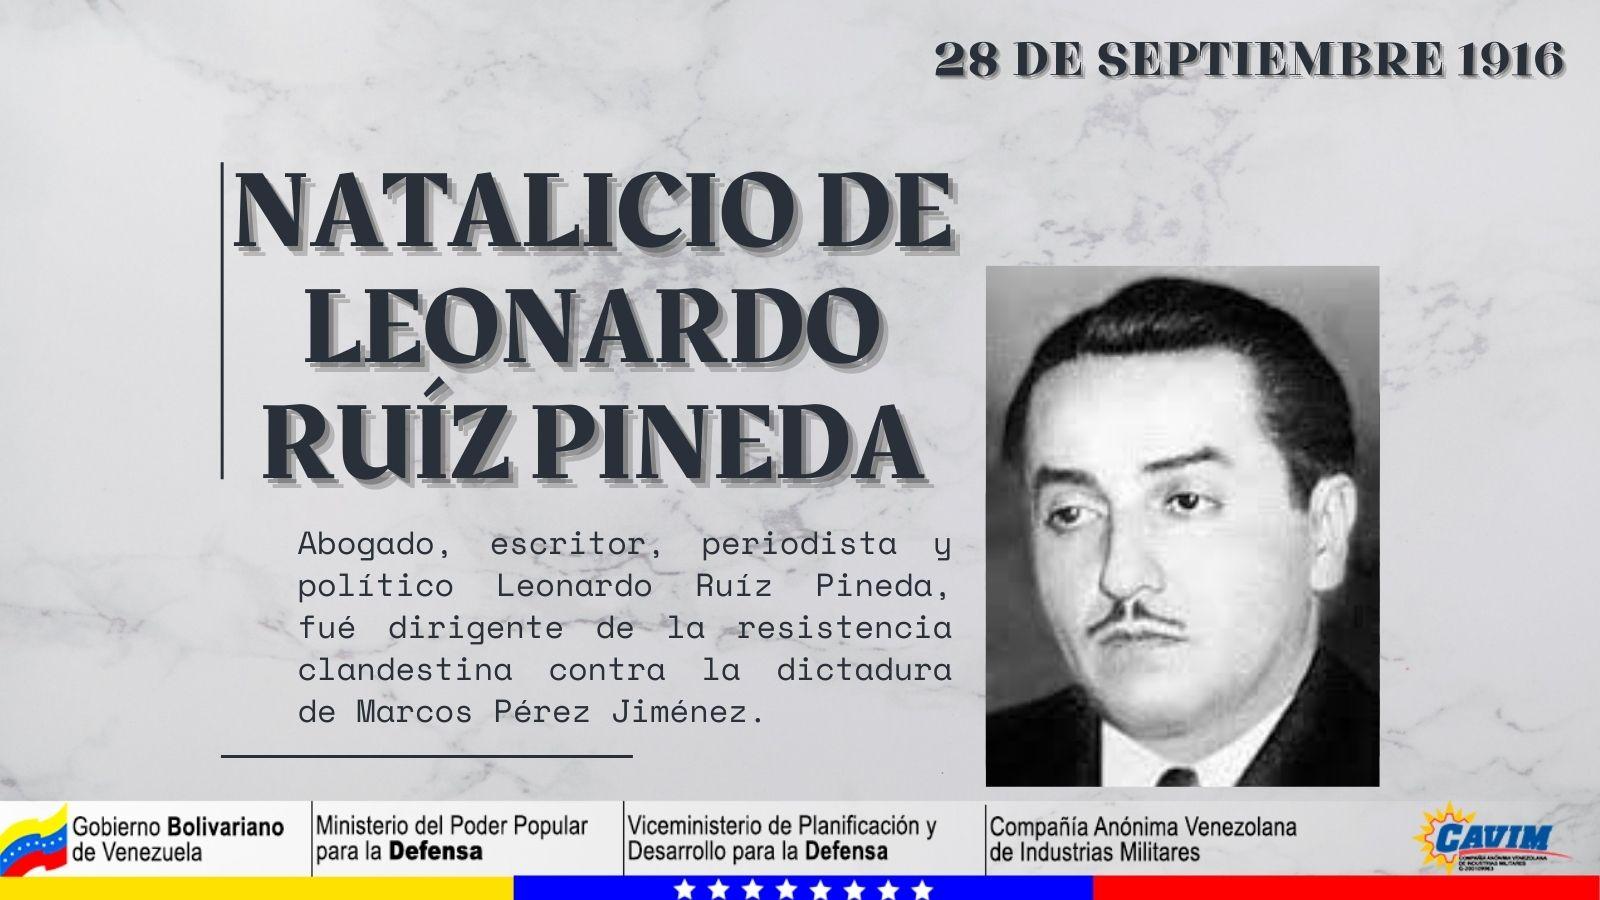 28 DE SEPTIEMBRE 1916 NATALICIO DE LEONARDO RUÍZ PINEDA